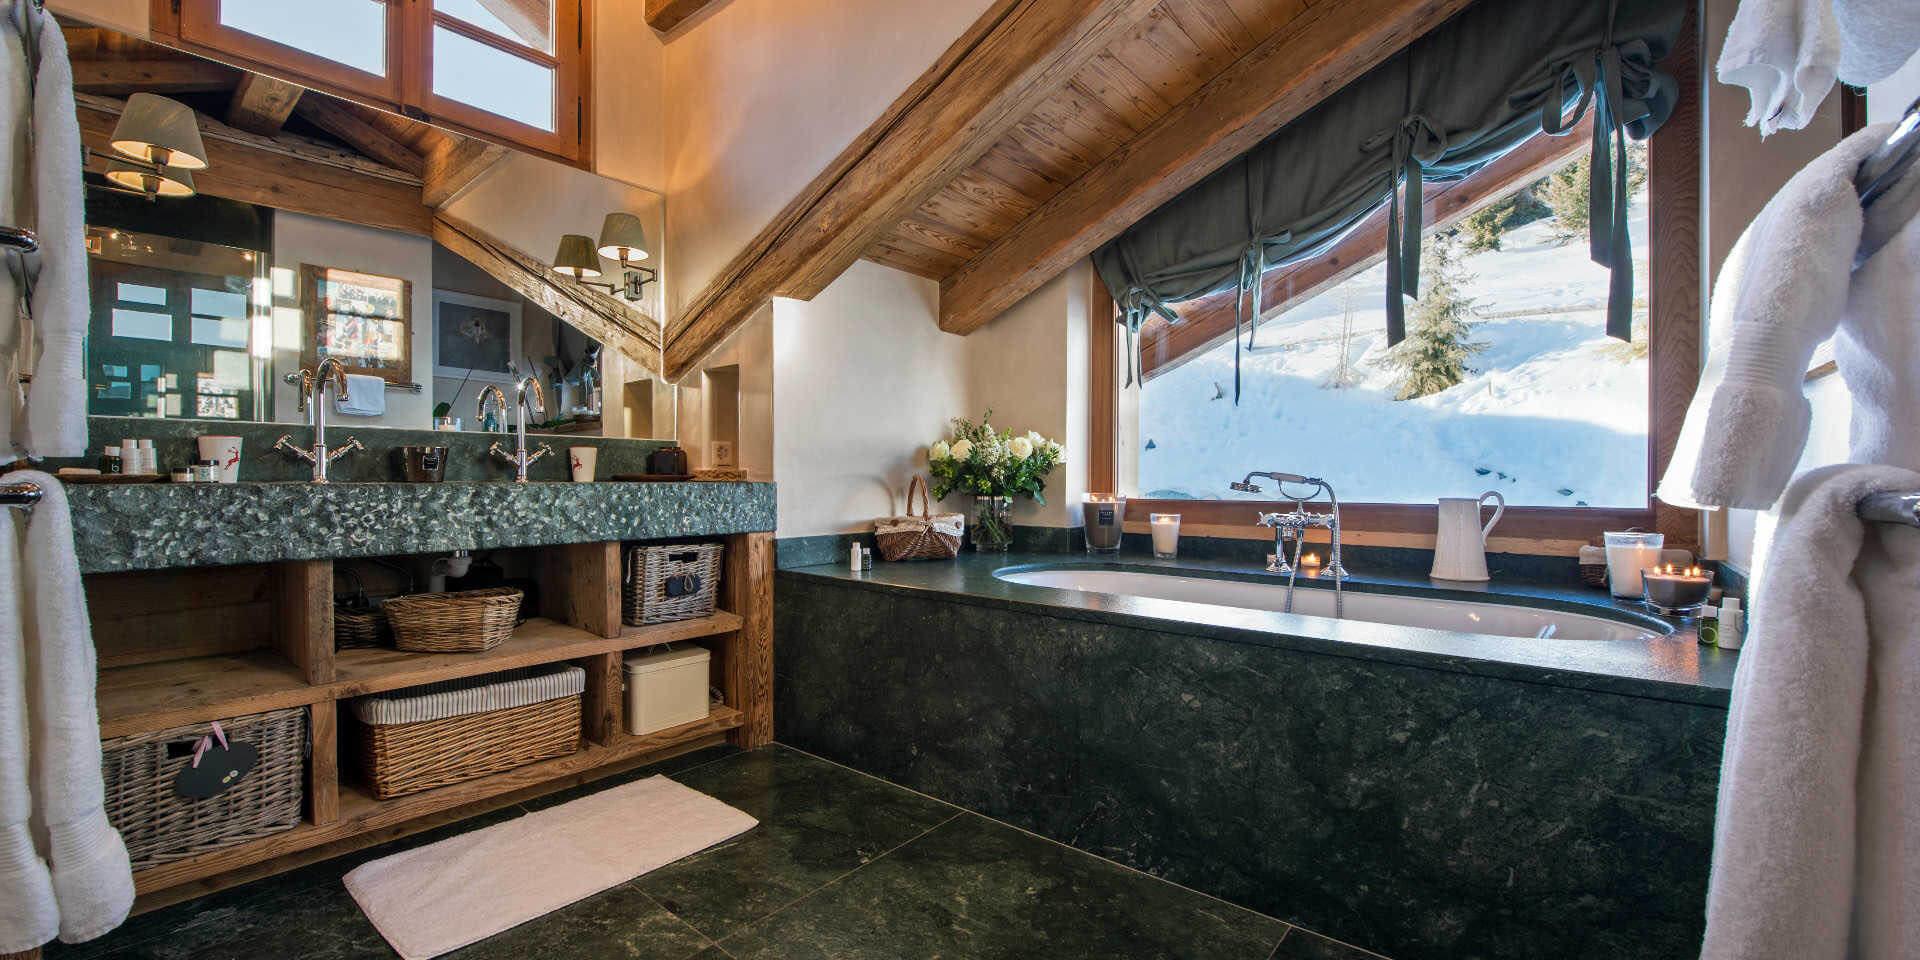 Chalet Nyumba Verbier Les 4 Vallees Zwitserland wintersport skivakantie luxe badkamer bad dubbele wasbak kastje handdoeken spiegel raam uitzicht sneeuw Bamford Organic Bath & Body-producten